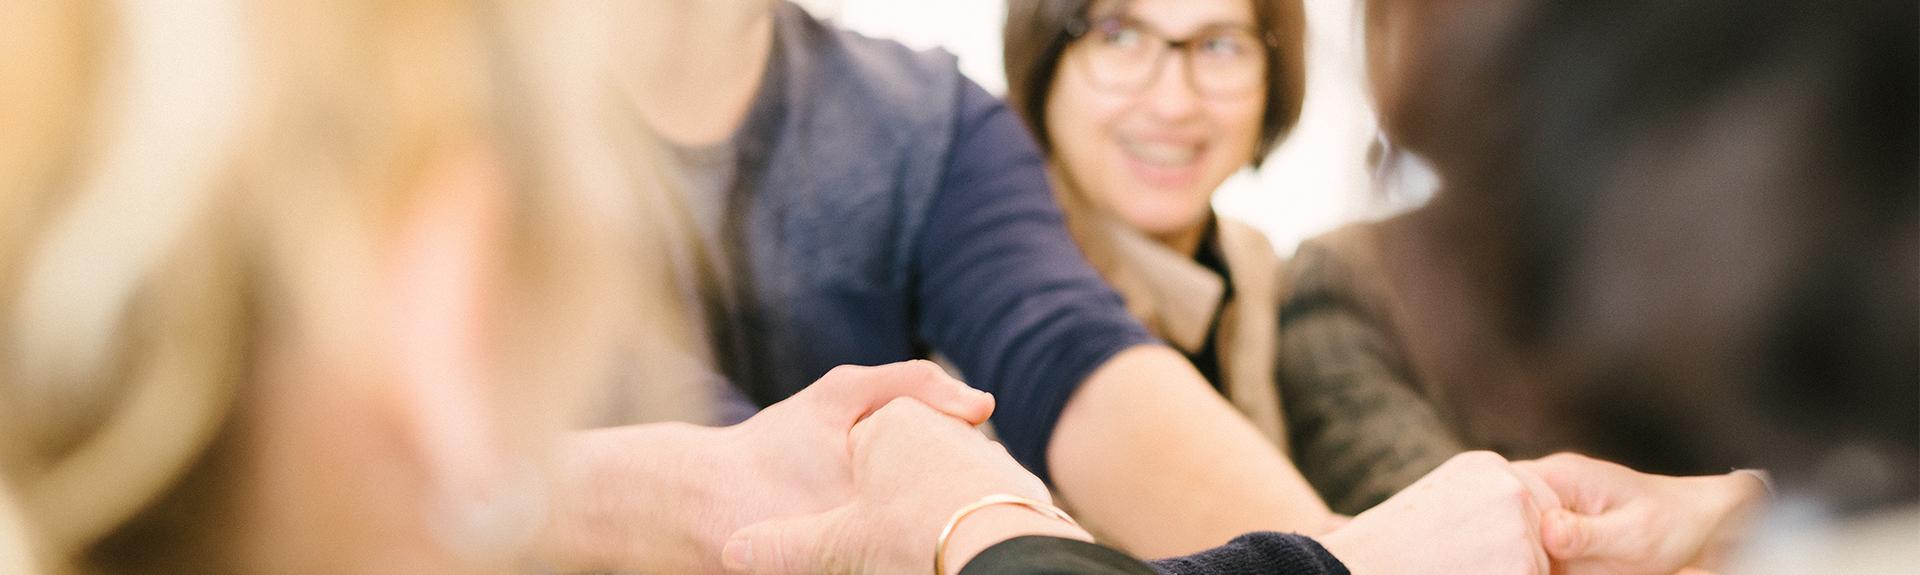 header - accompagnement et soutien main dans la main